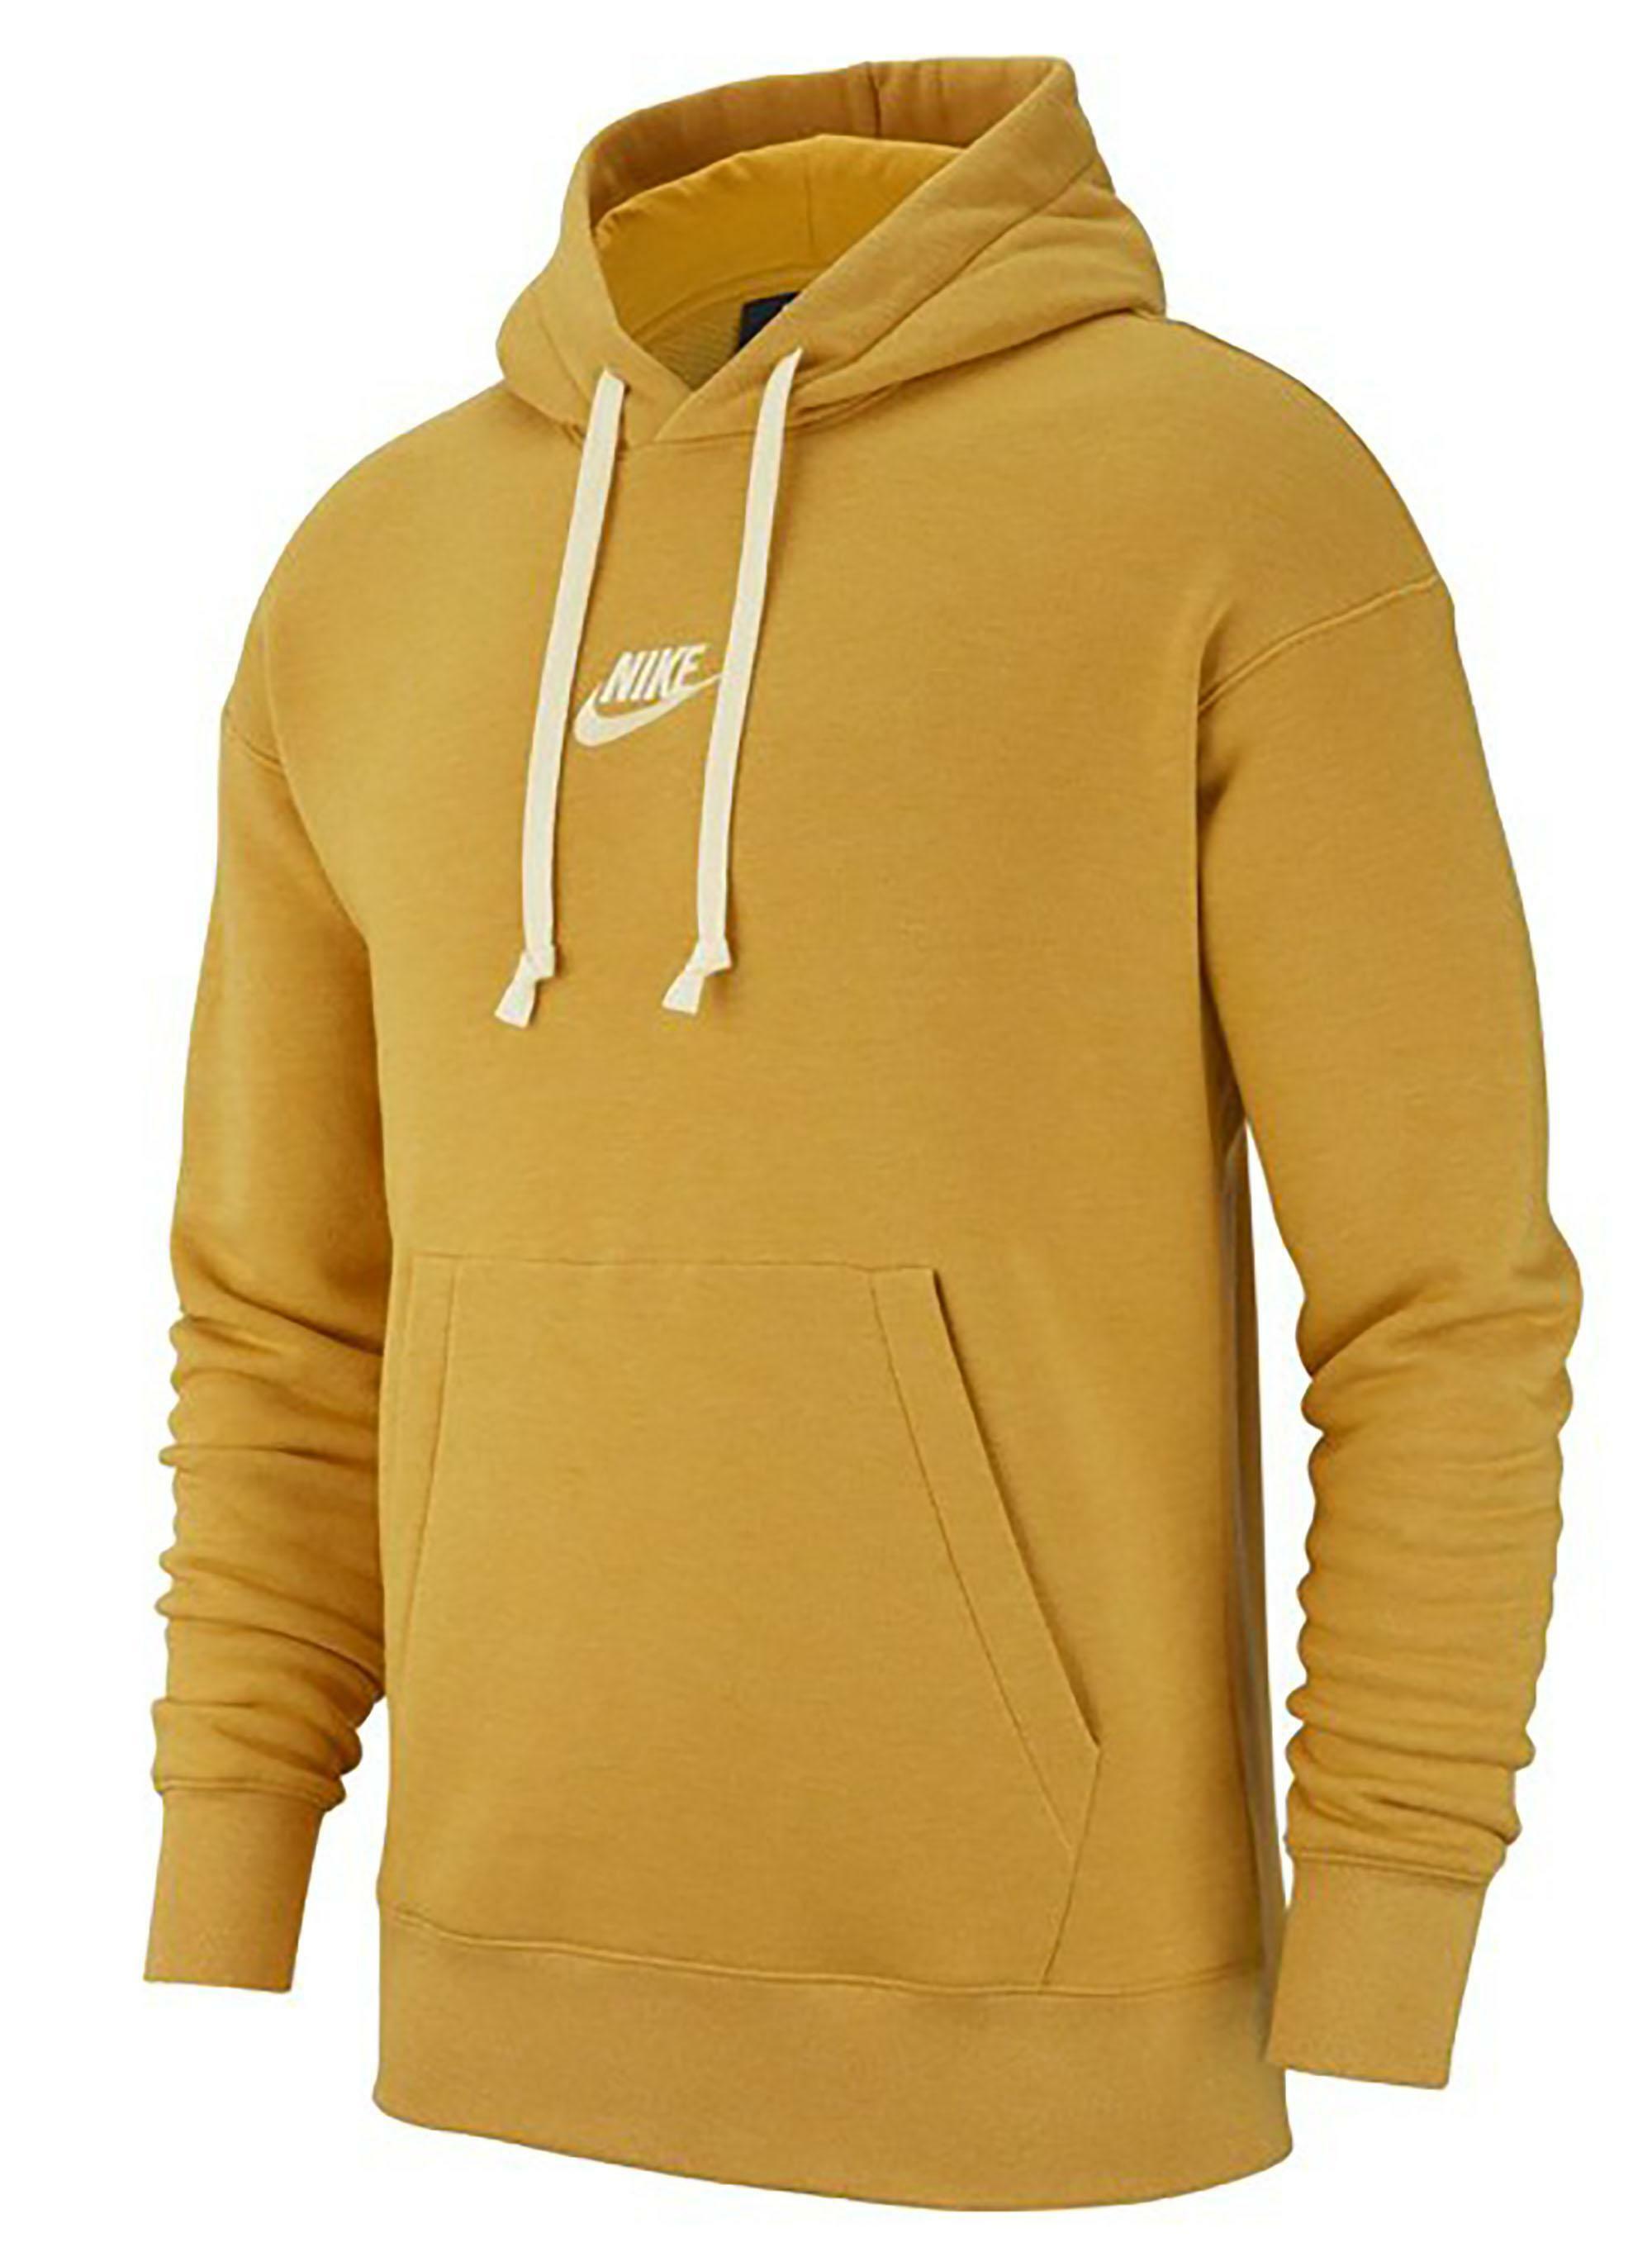 Felpa Con Nike Giallo Ocra 928437711 Cappuccio Uomo lJKcF1